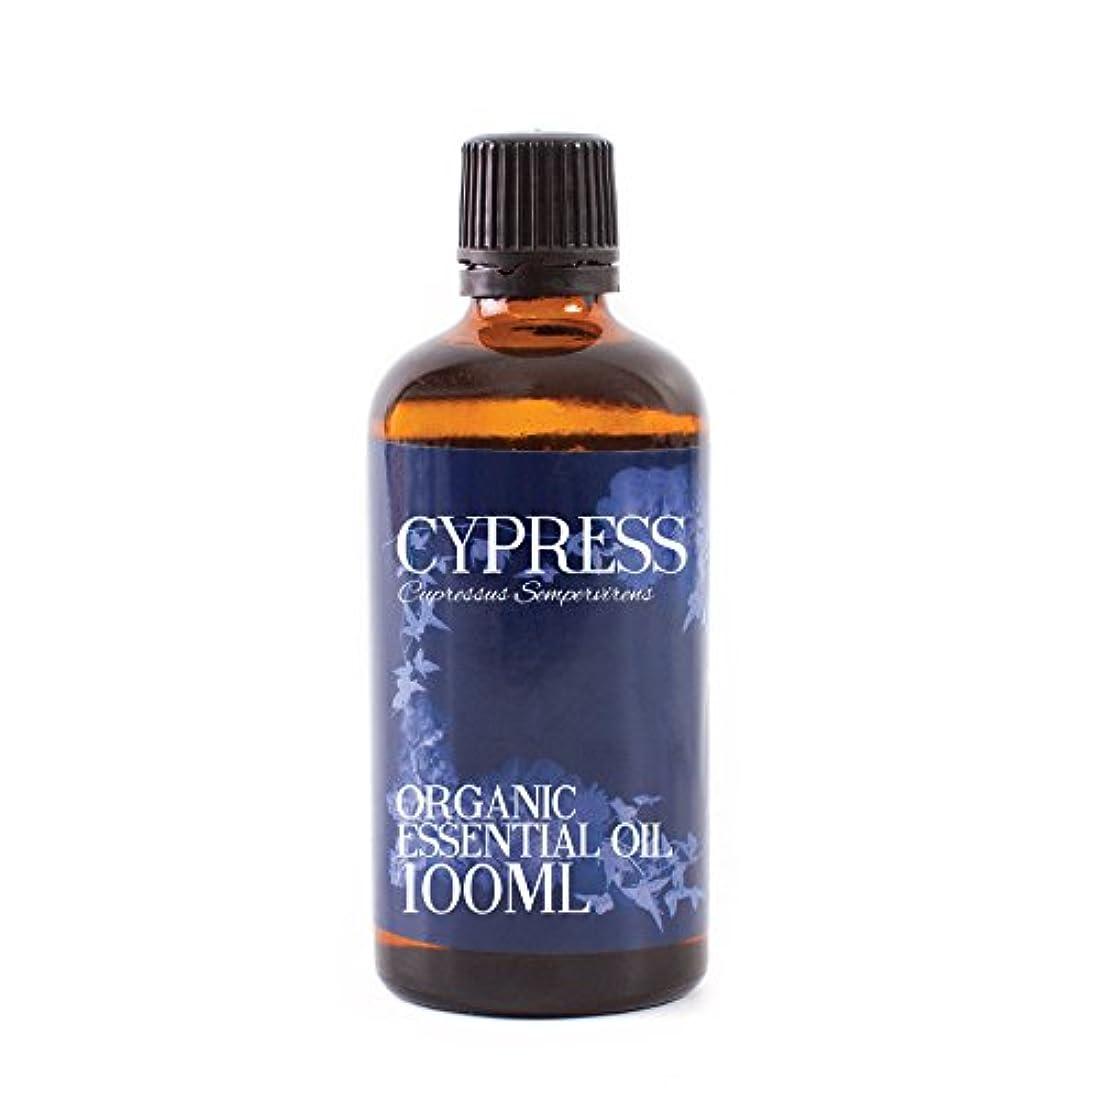 マーティンルーサーキングジュニアポークソフィーCypress Organic Essential Oil - 100ml - 100% Pure